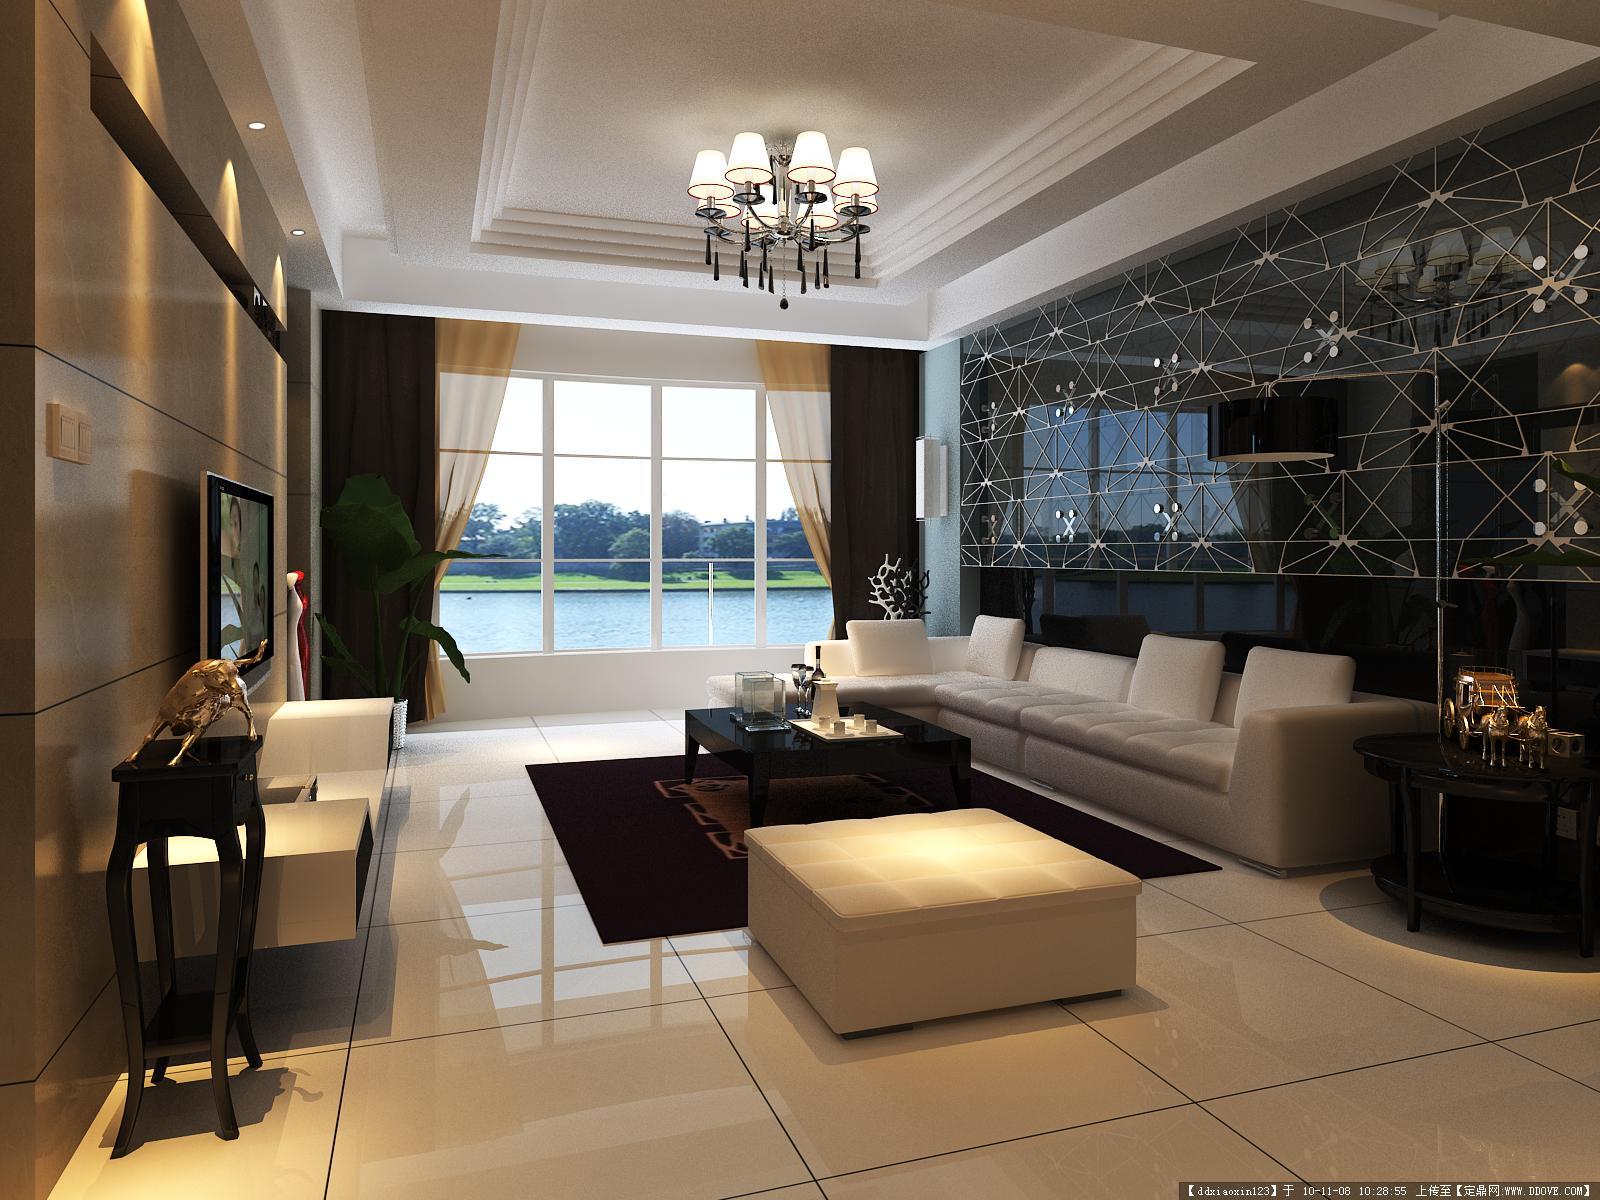 别墅室内效果图设计-4张大图